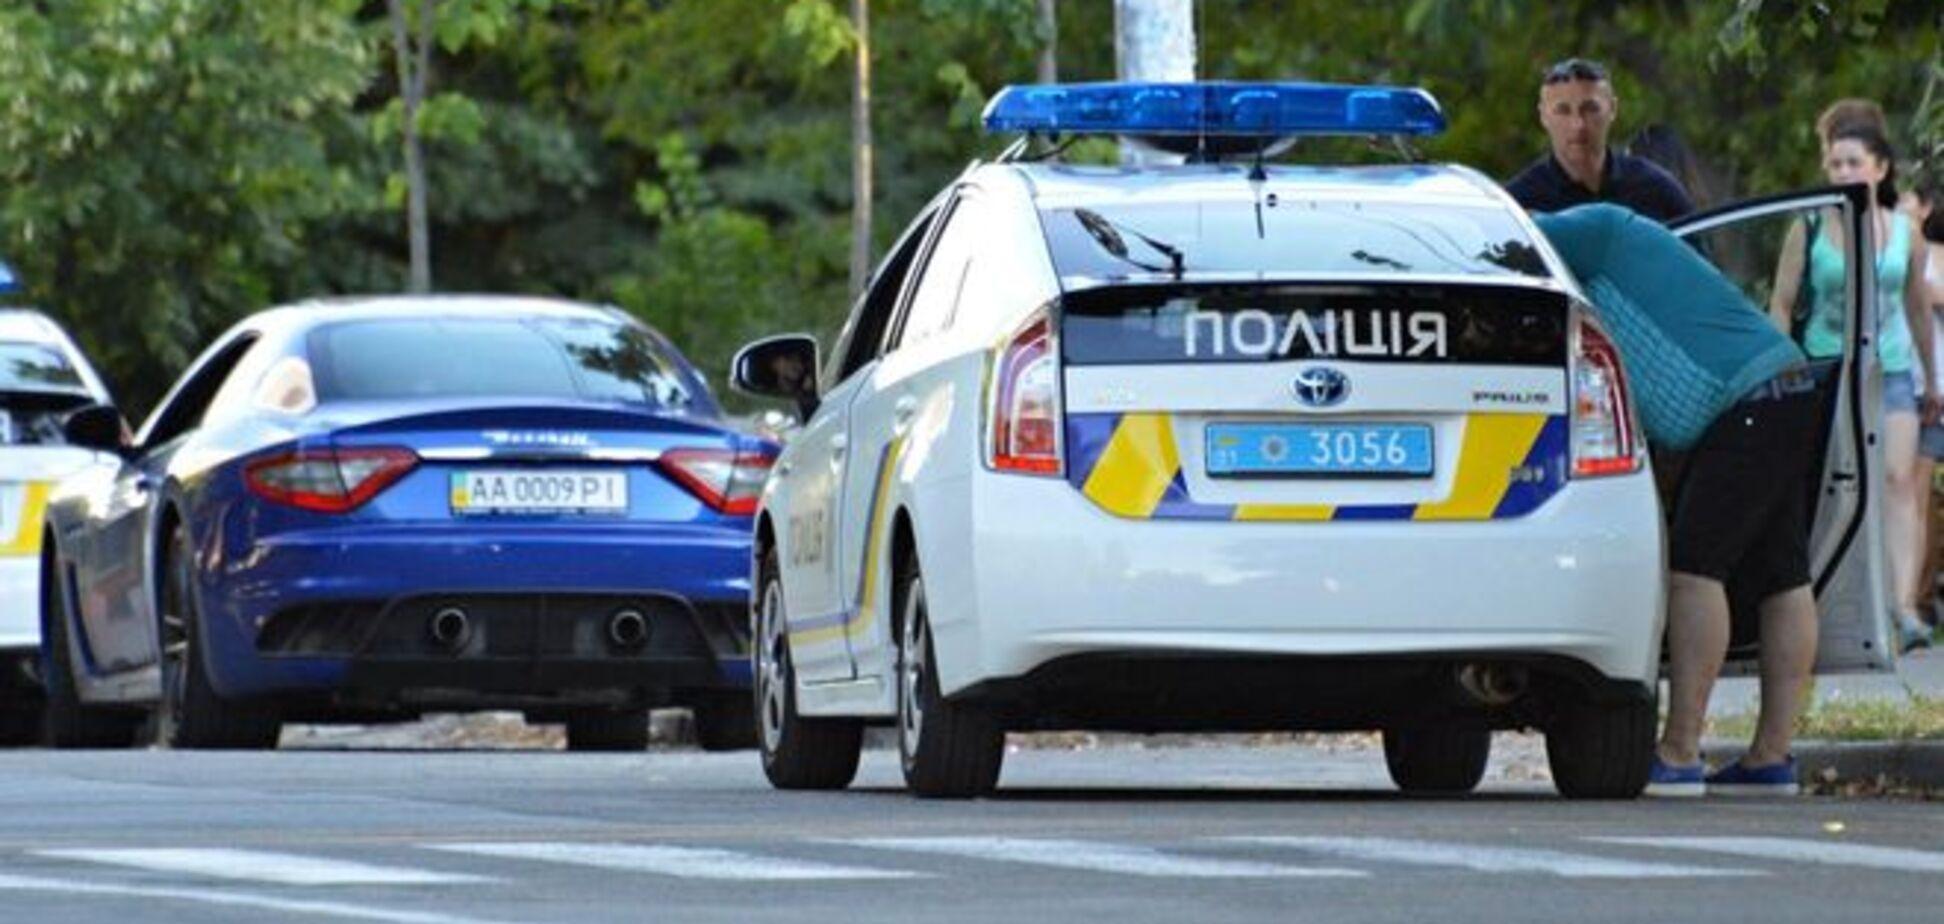 Чи є шанси у нової поліції на Prius наздогнати Maserati: інфографіка